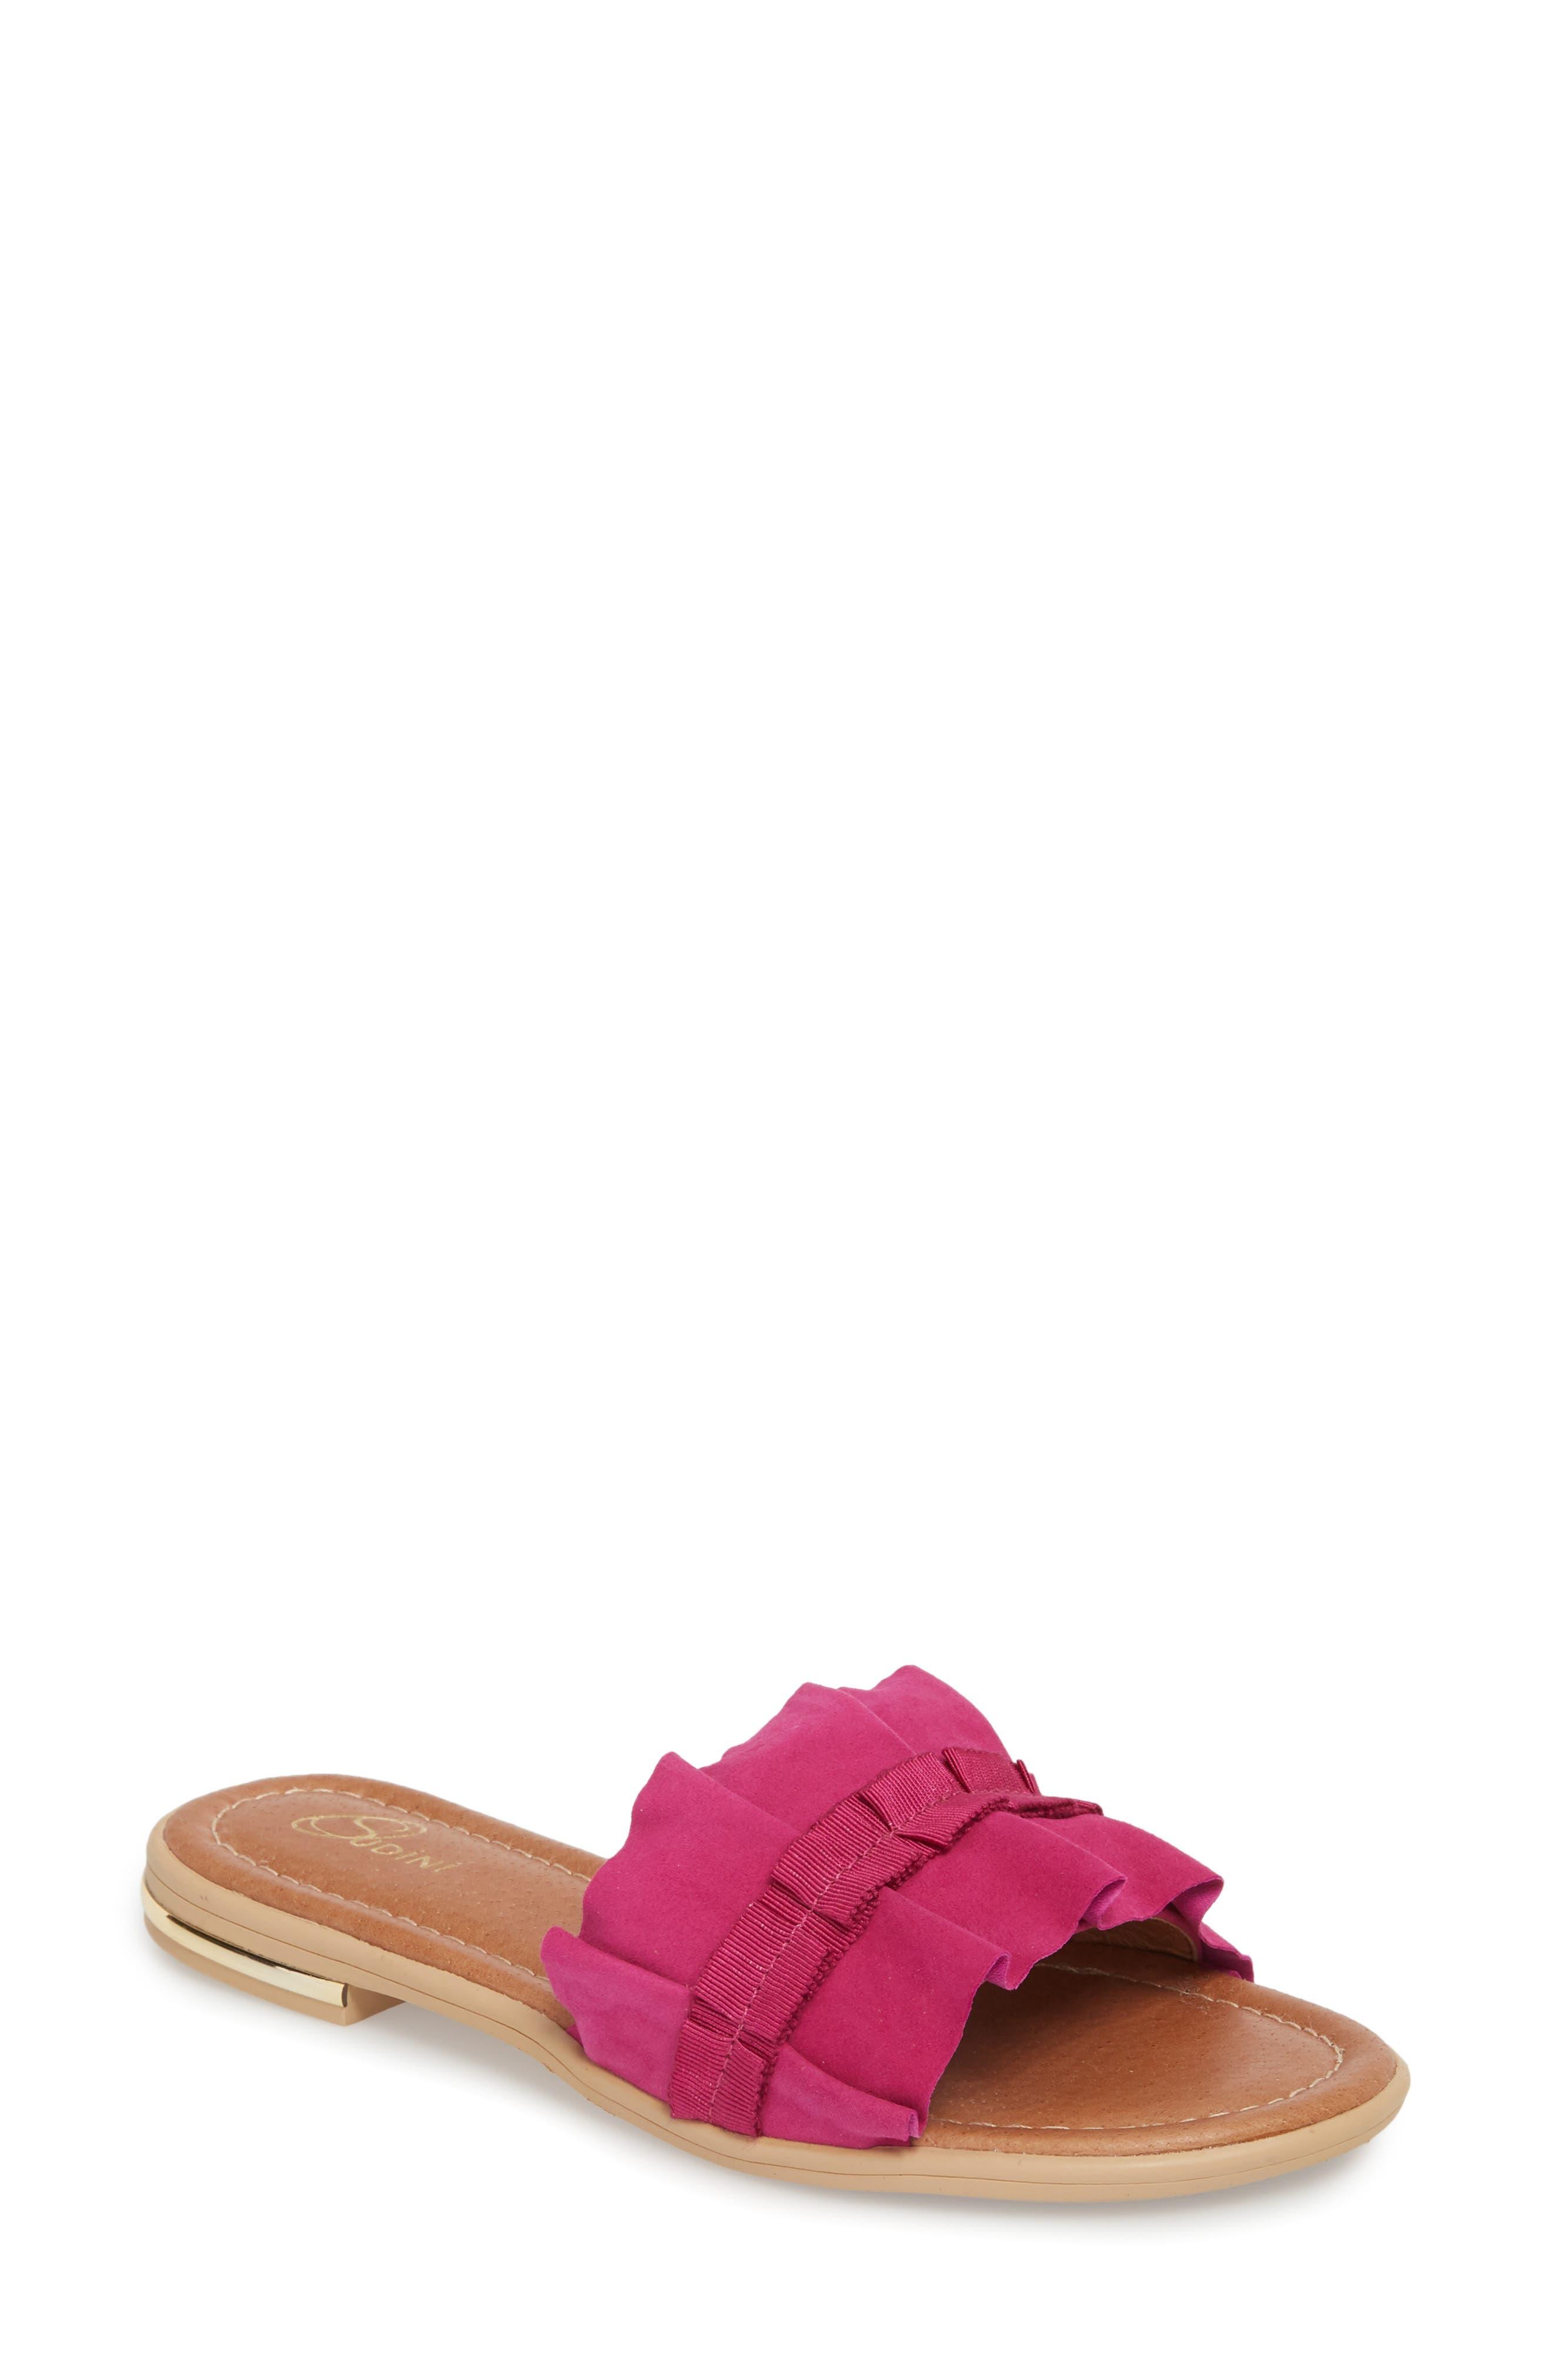 Ravenna Slide Sandal,                             Main thumbnail 1, color,                             FUCHSIA SUEDE